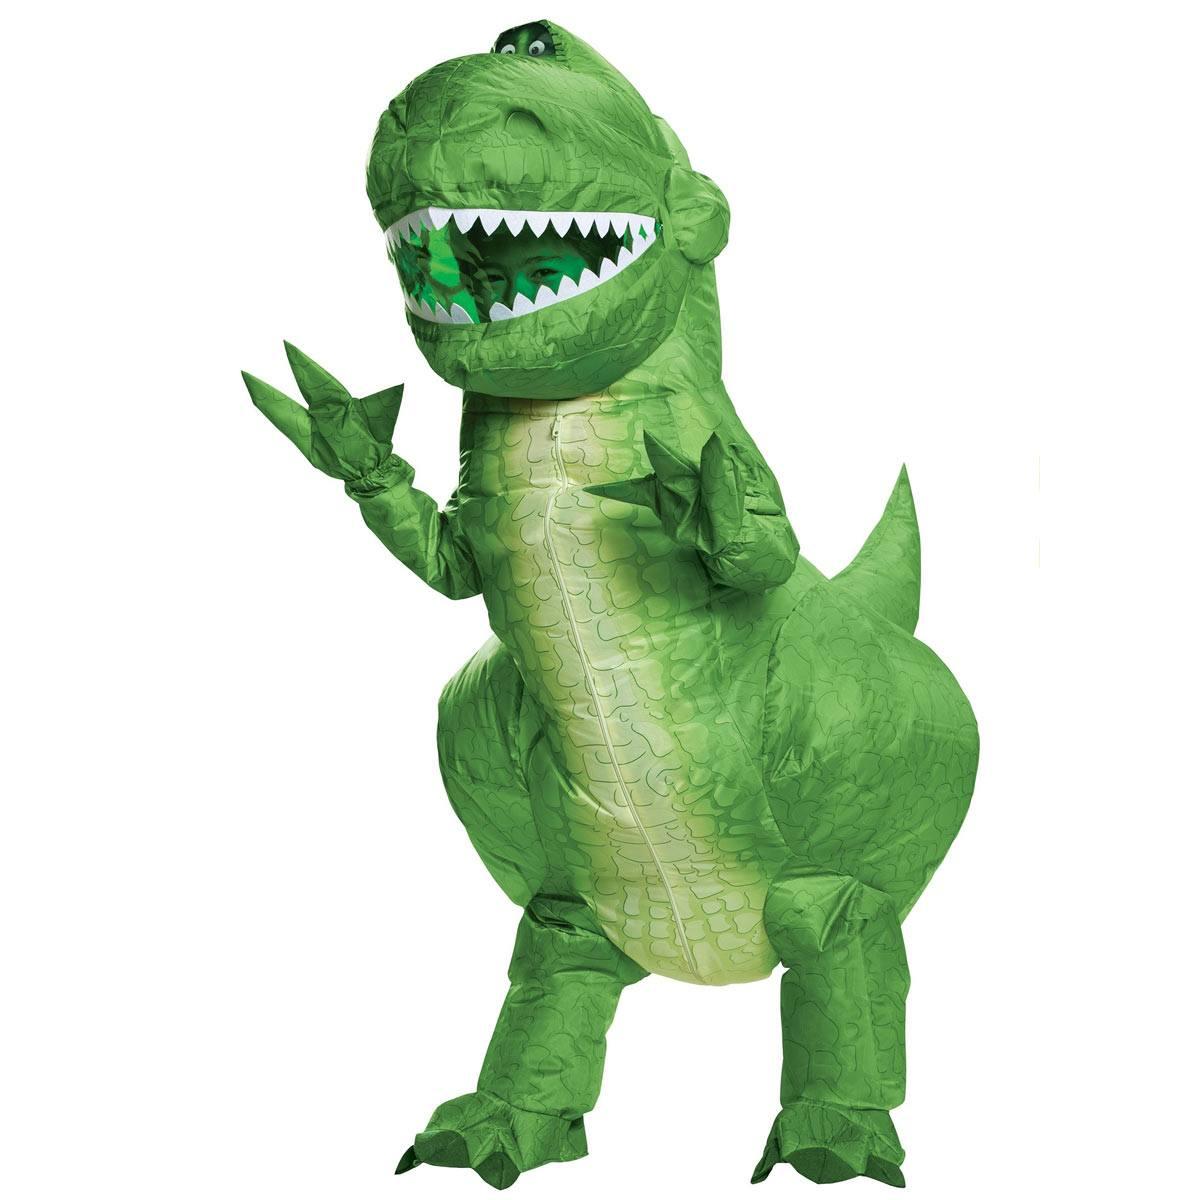 トイストーリー4 レックス恐竜 仮装 子供用 衣装 キッズ用 ハロウィン ディズニー Disney Toy Story 4